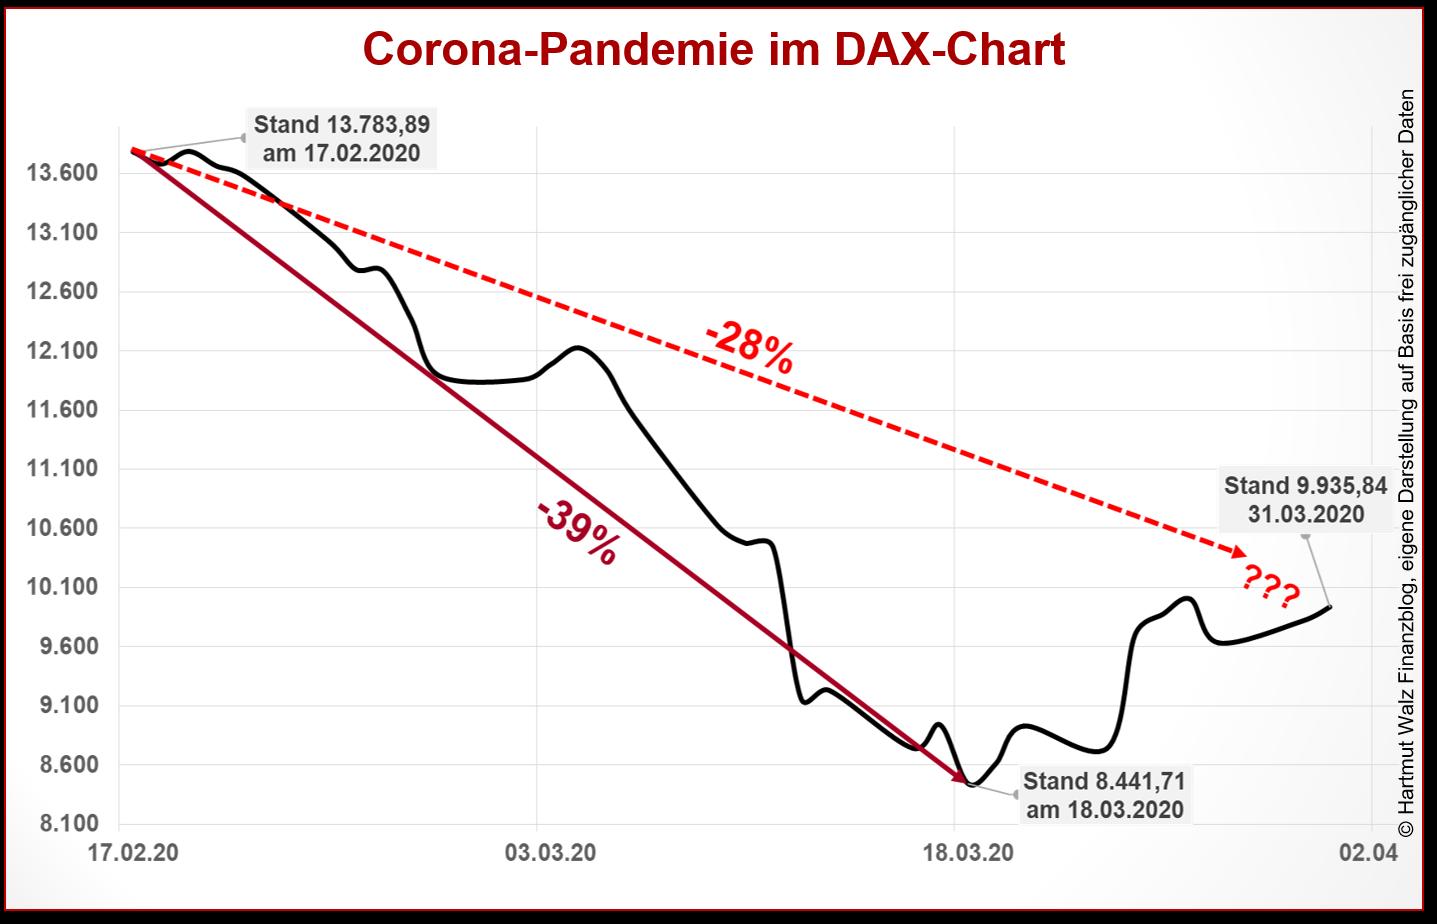 Corona-Pandemie im DAX-Chart